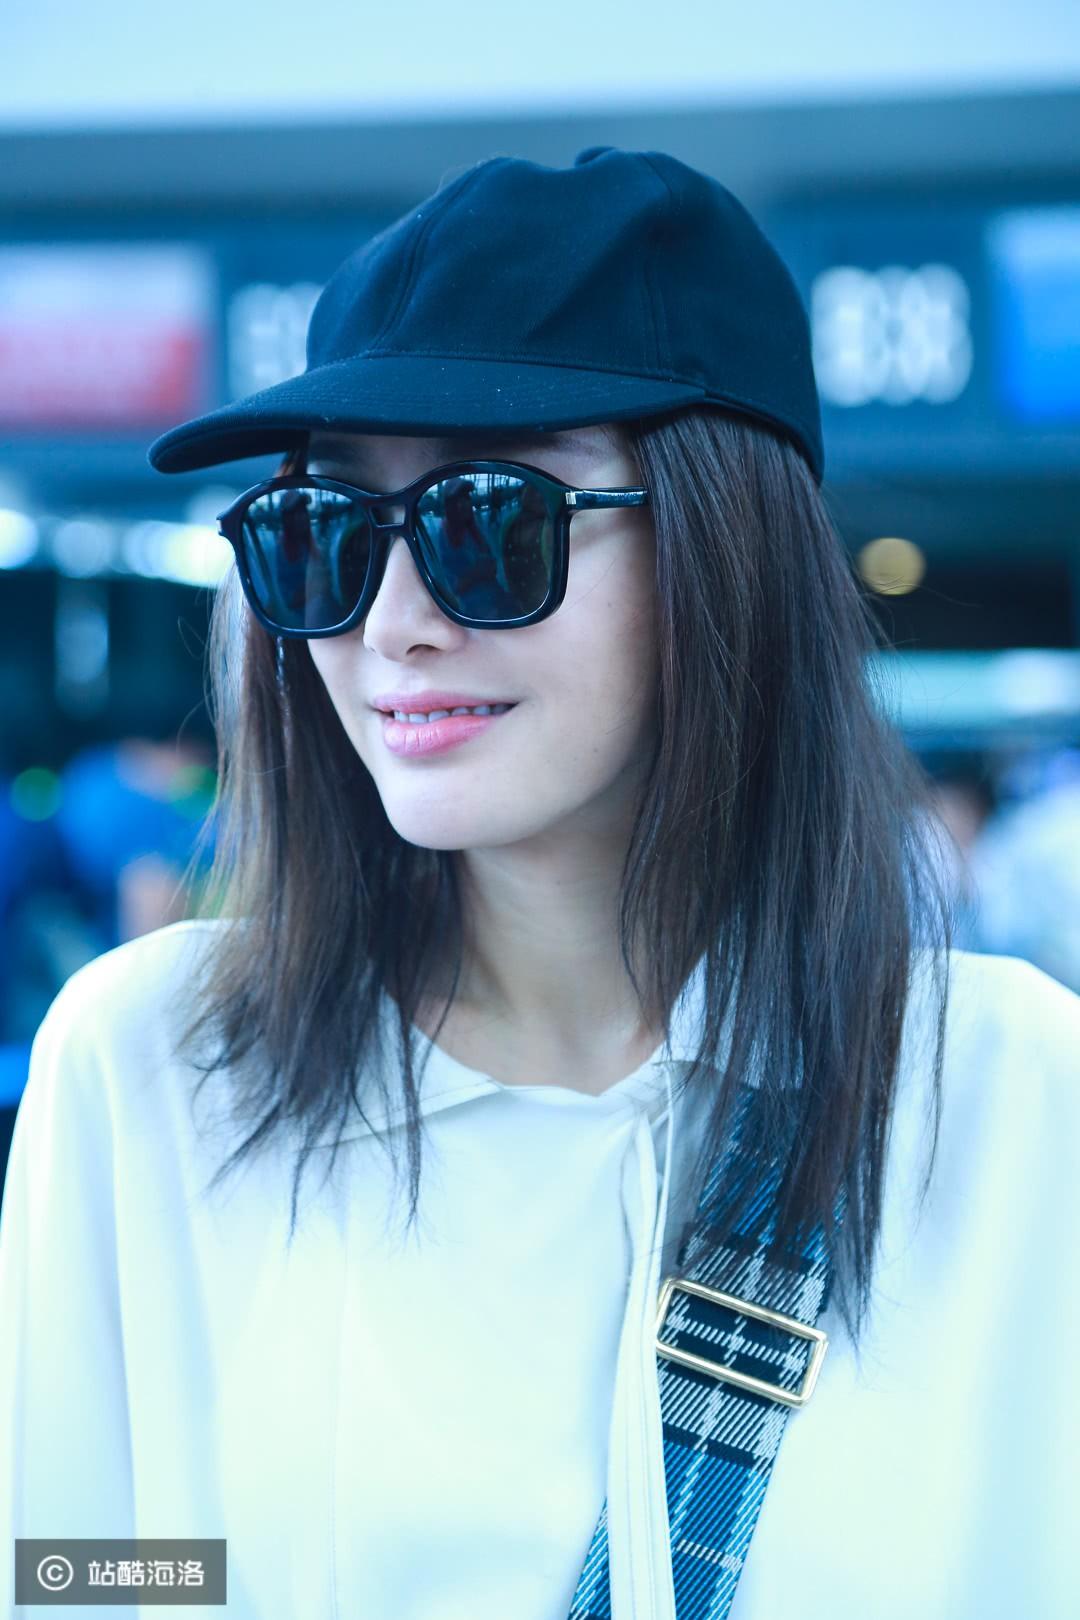 Xuất hiện ở sân bay, Hoàng hậu Tần Lam bị soi nhan sắc đời thường không lung linh như phim - Ảnh 3.